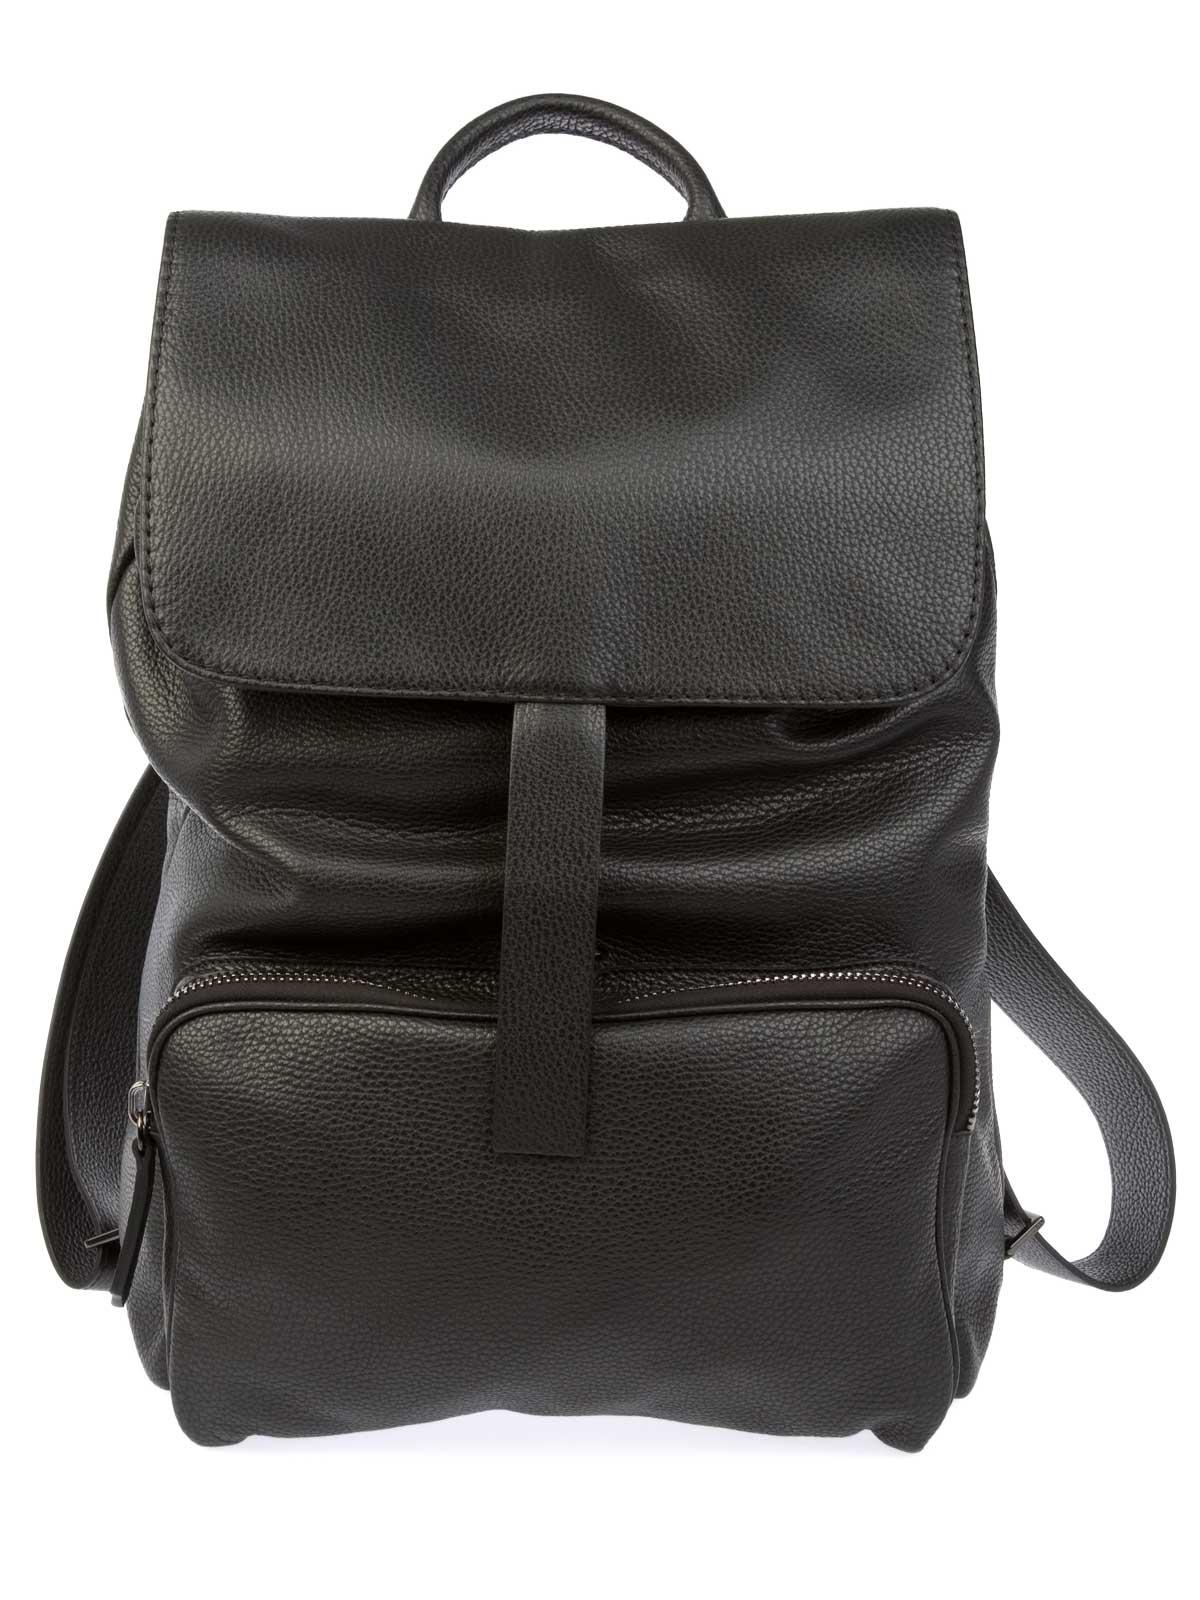 Picture of ZANELLATO | Backpack Ildo Dollarone